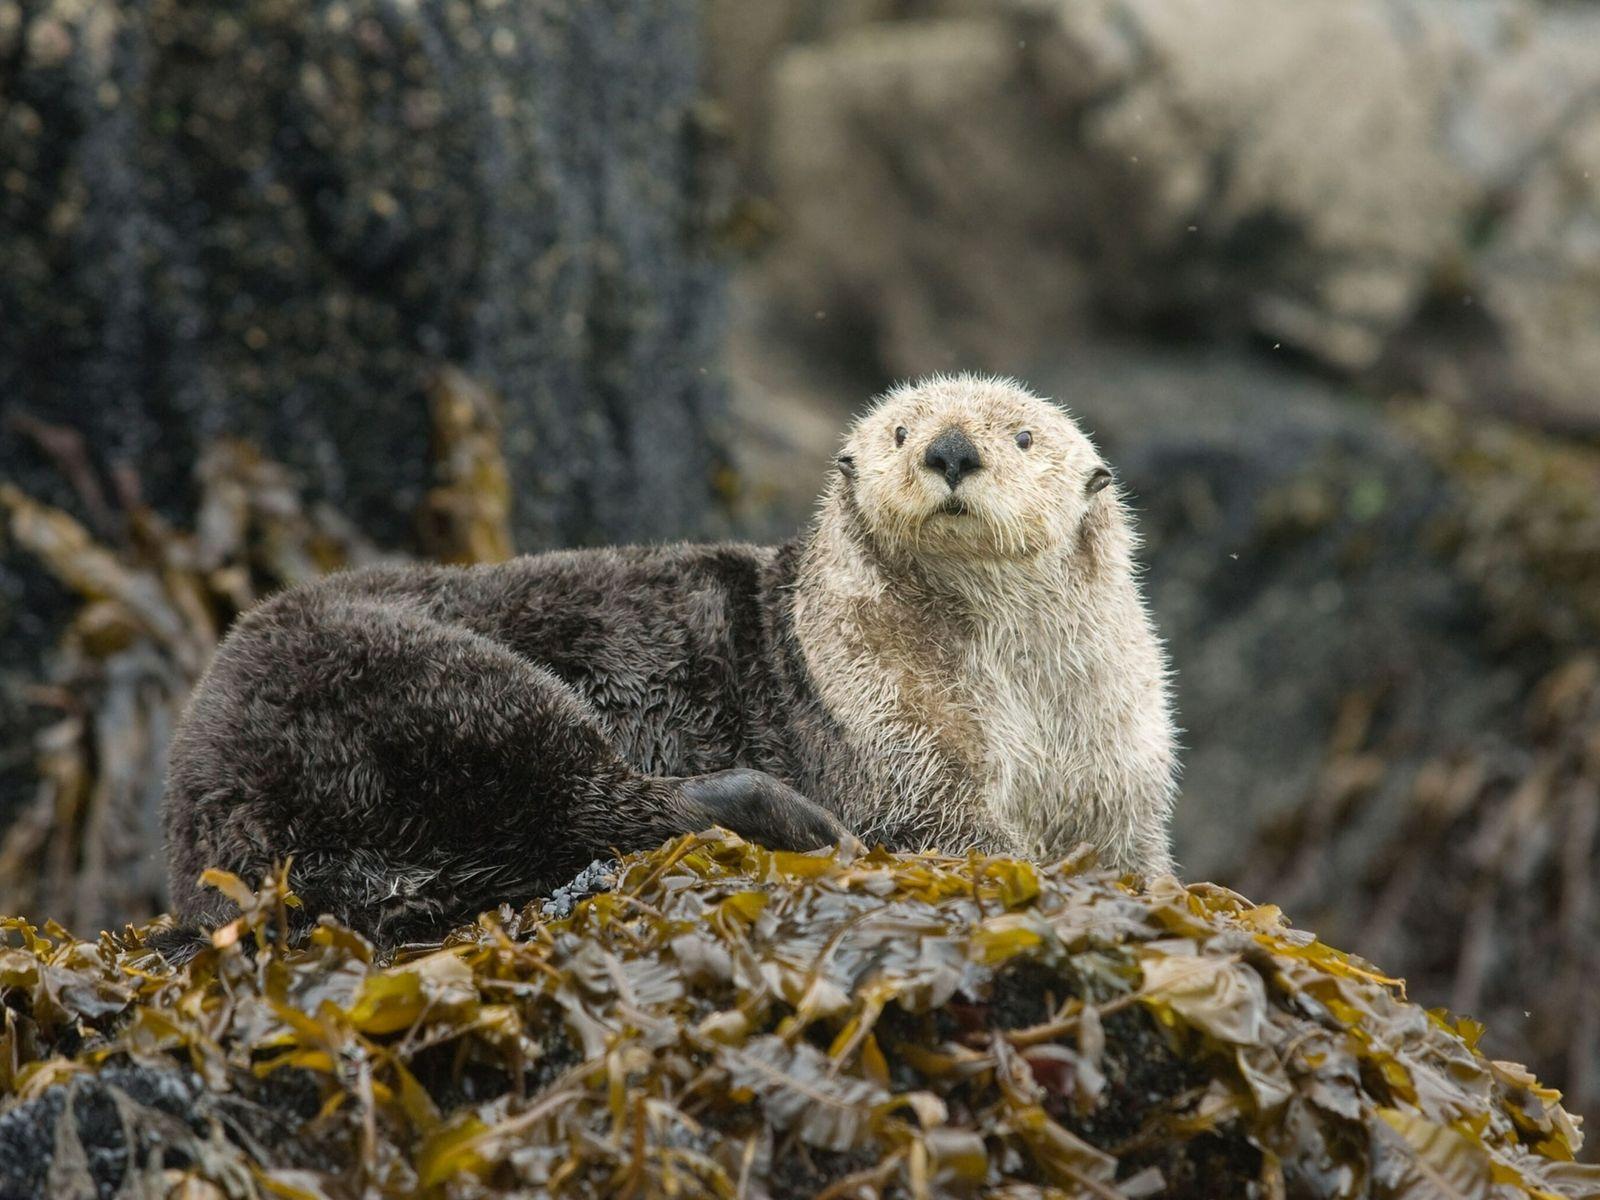 Ein Seeotter auf einem seegrasbewachsenen Felsen im Prinz-William-Sund in Alaska.